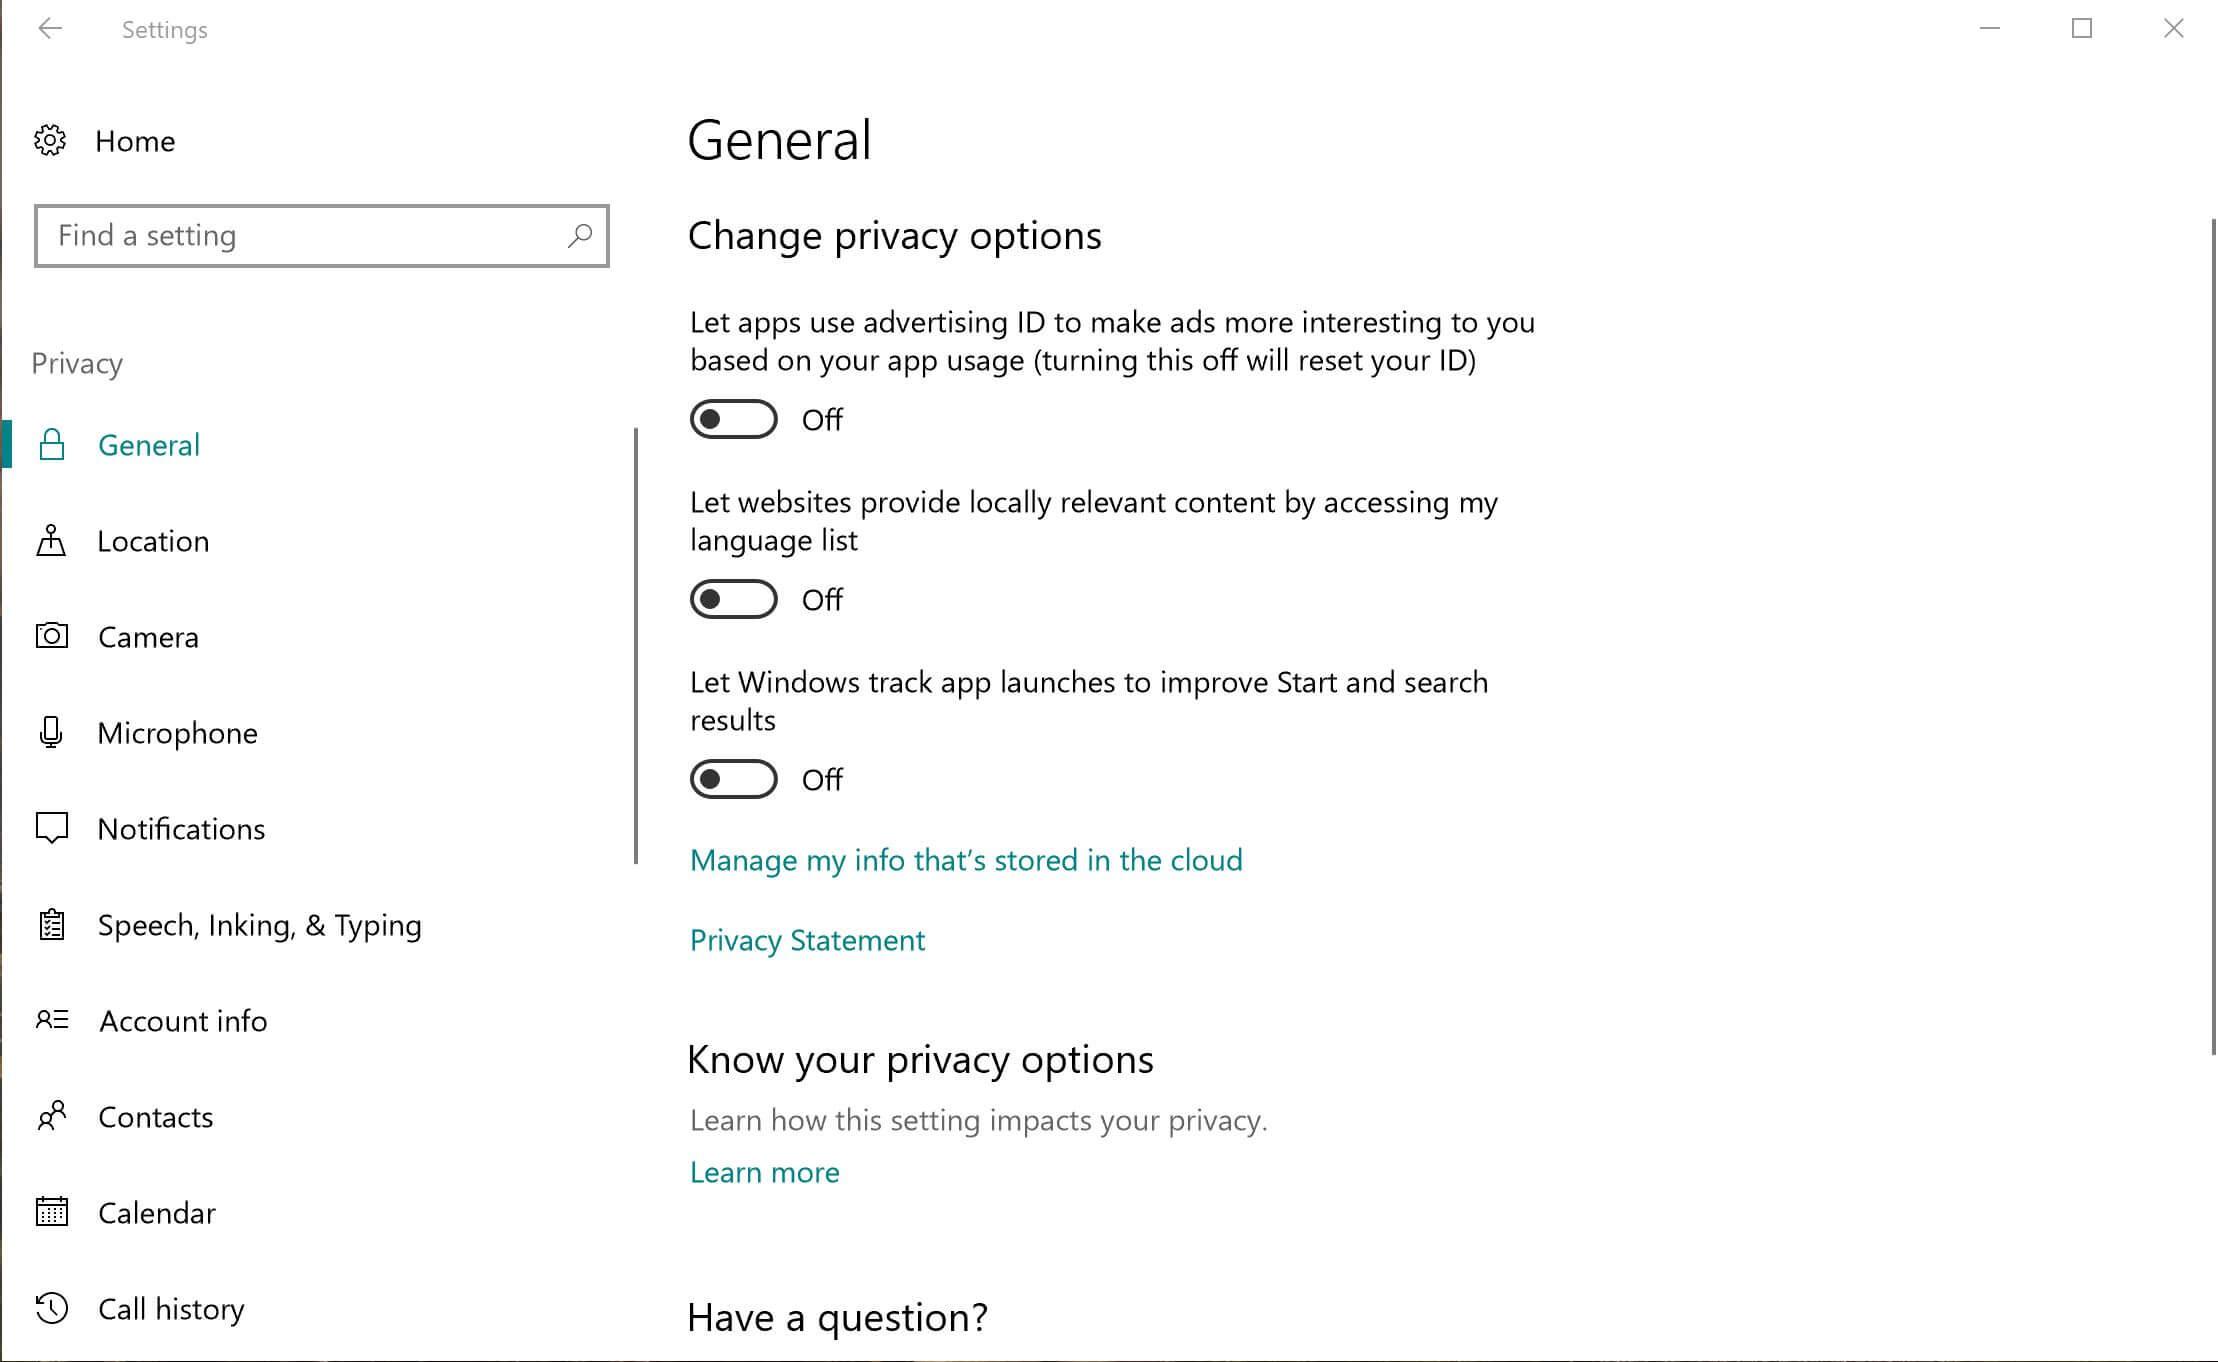 A configuração geral em Privacidade